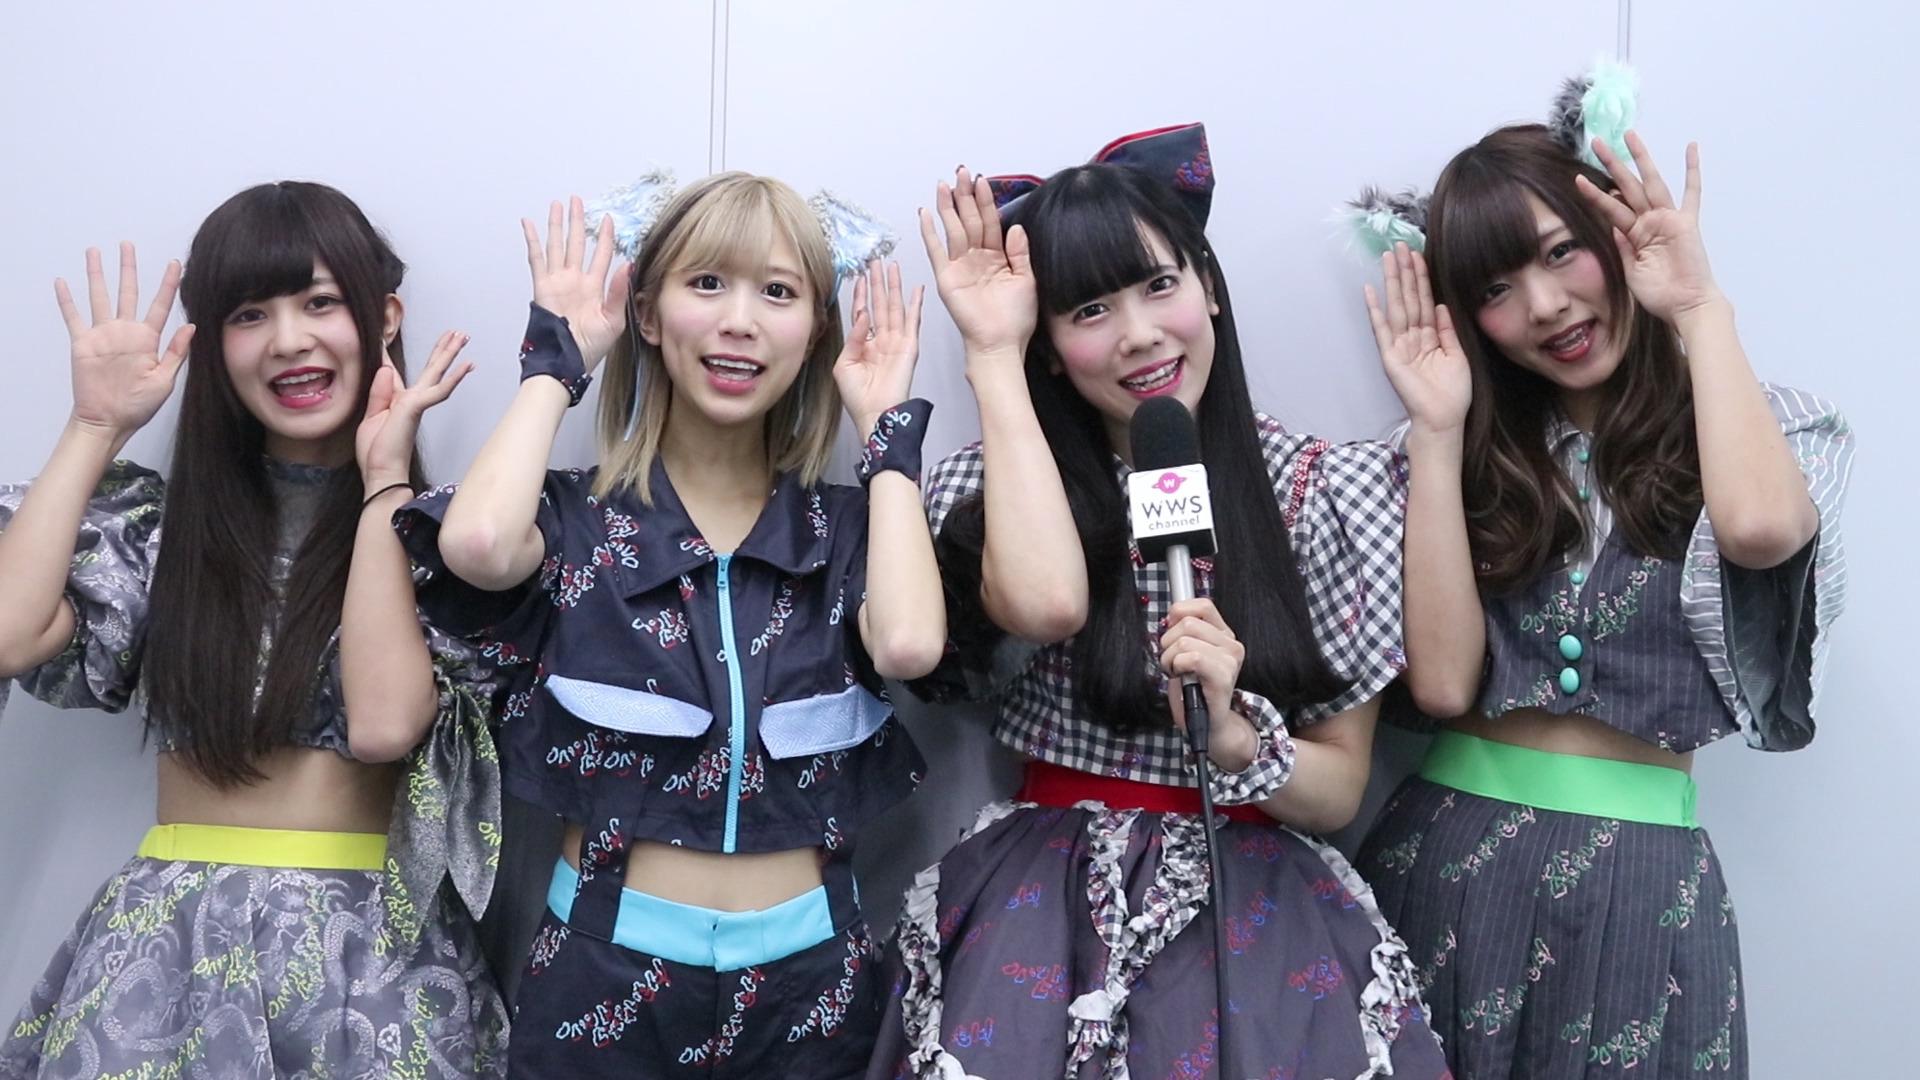 バンドじゃないもん!にインタビュー ! 12/13に1stミニアルバム 「ミニバン」発売!